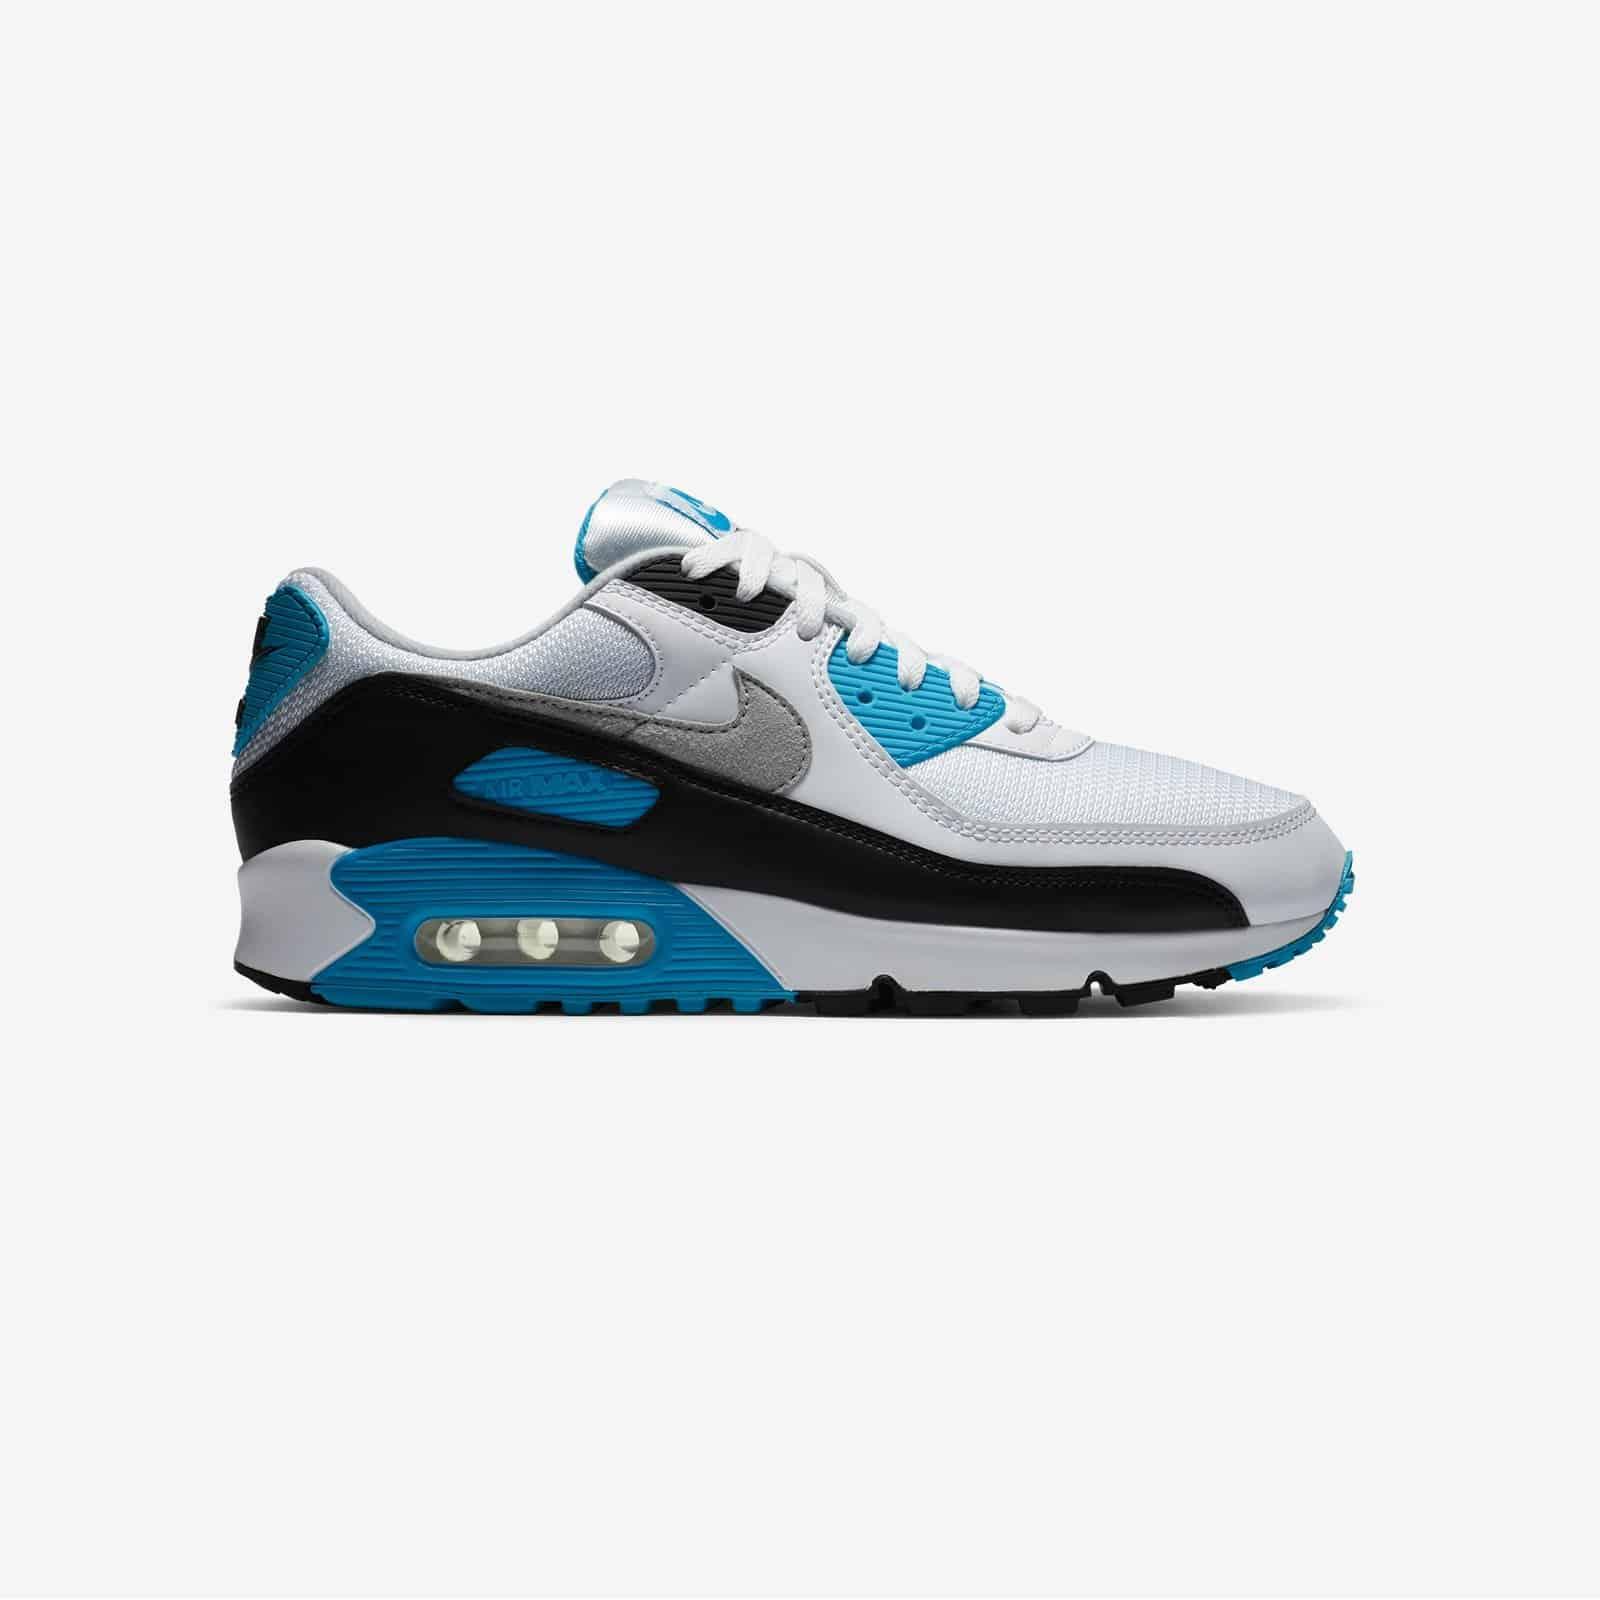 Nike Air Max 90 OG III Laser Blue